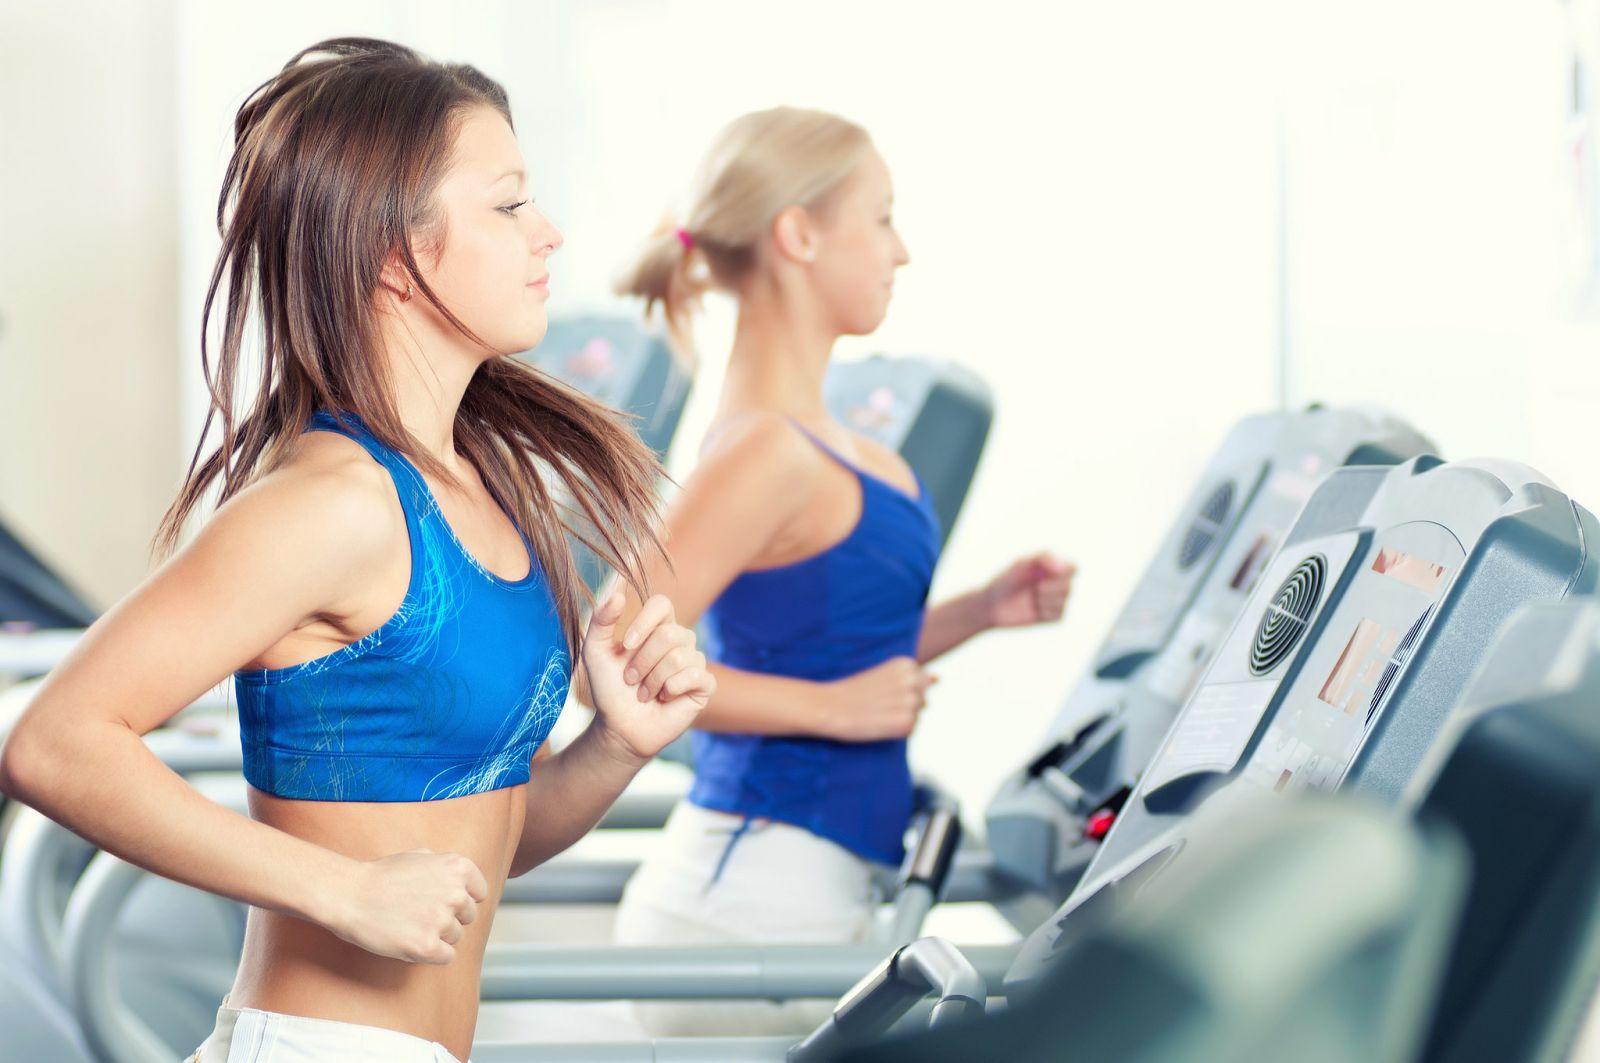 программа занятий для похудения